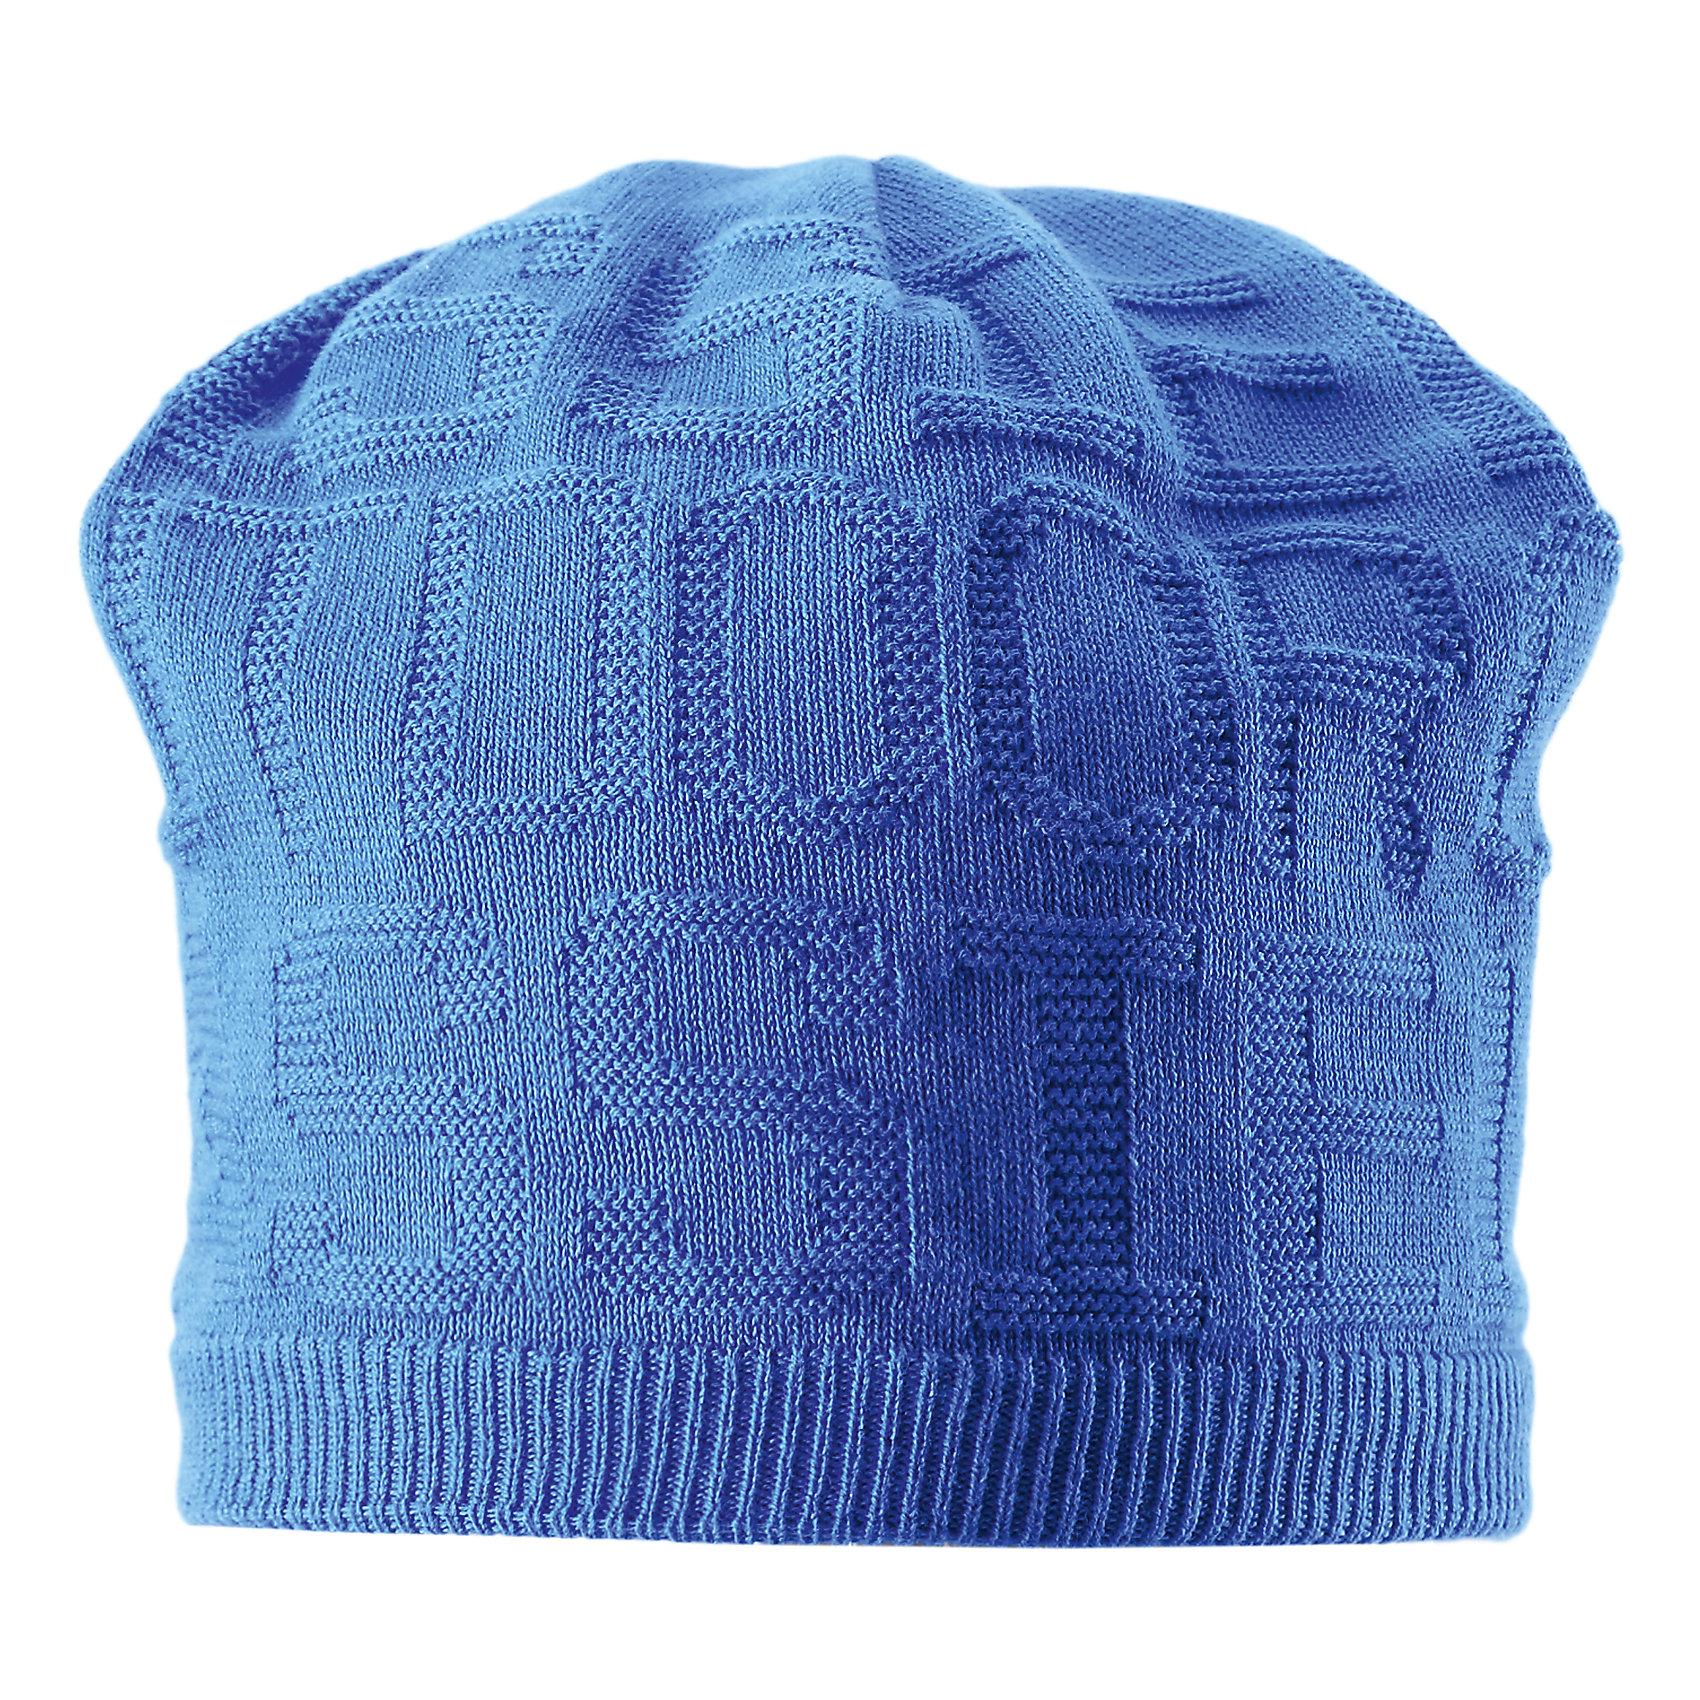 Шапка для мальчика LASSIE by ReimaШапки и шарфы<br>Шапка для мальчика от известной компании LASSIE by Reima<br><br>Вязаная теплая шапка - отличная вещь для прогулок и активного отдыха. Она стильно смотрится и хорошо сидит.<br><br>Приятная расцветка оживляет дизайн изделия - такую вещь дети будут носить с удовольствием!<br><br>Особенности модели:<br><br>- цвет: синий;<br>- приятный материал;<br>- натуральный хлопок;<br>- стильный дизайн;<br>- объемная структура;<br>- ветронепроницаемые вставки для защиты ушей;<br>- глубокая посадка.<br><br>Дополнительная информация:<br><br>Температурный режим: от -15° до +10° С<br><br>Состав: 100% хлопок<br><br>Шапку для мальчика от известной компании LASSIE by Reima (Лэсси Рейма) можно купить в нашем магазине.<br><br>Ширина мм: 89<br>Глубина мм: 117<br>Высота мм: 44<br>Вес г: 155<br>Цвет: разноцветный<br>Возраст от месяцев: 72<br>Возраст до месяцев: 120<br>Пол: Мужской<br>Возраст: Детский<br>Размер: 54-56,50-52<br>SKU: 4555436